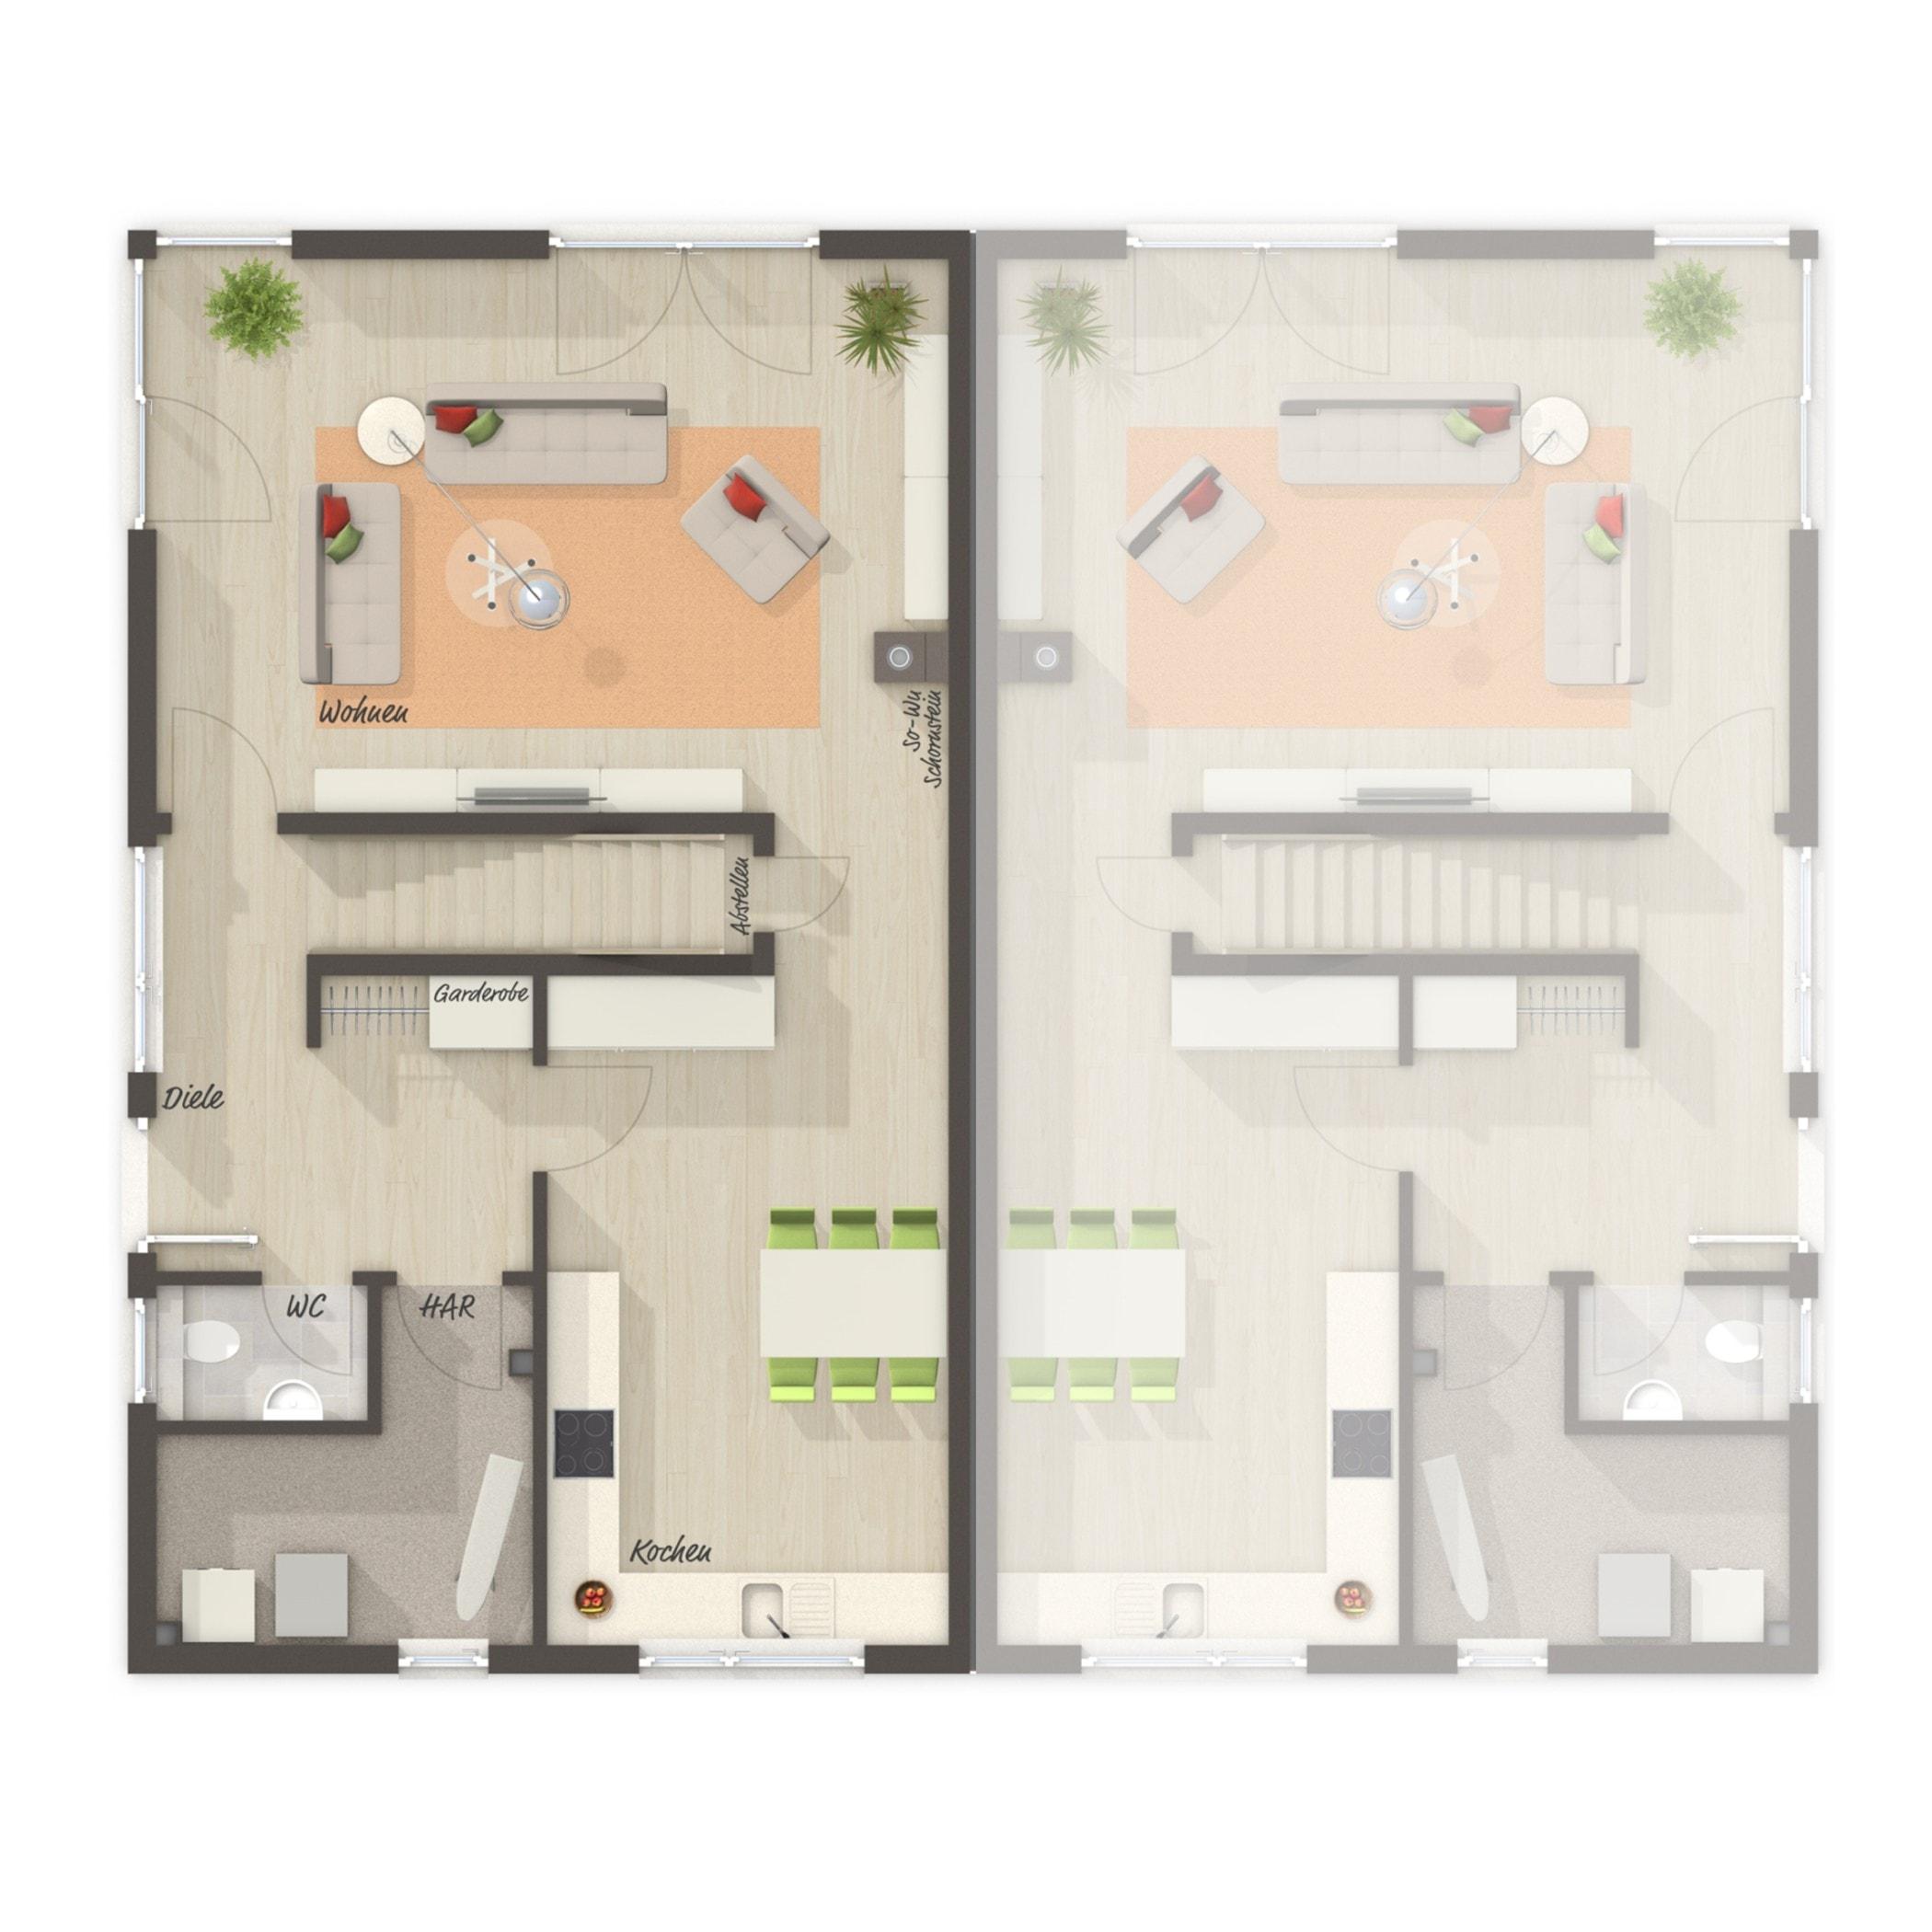 Doppelhaushälfte Grundriss Erdgeschoss - Massivhaus schlüsselfertig bauen Idden Doppelhaus AURA 136 von Town Country Haus - HausbauDirekt.de